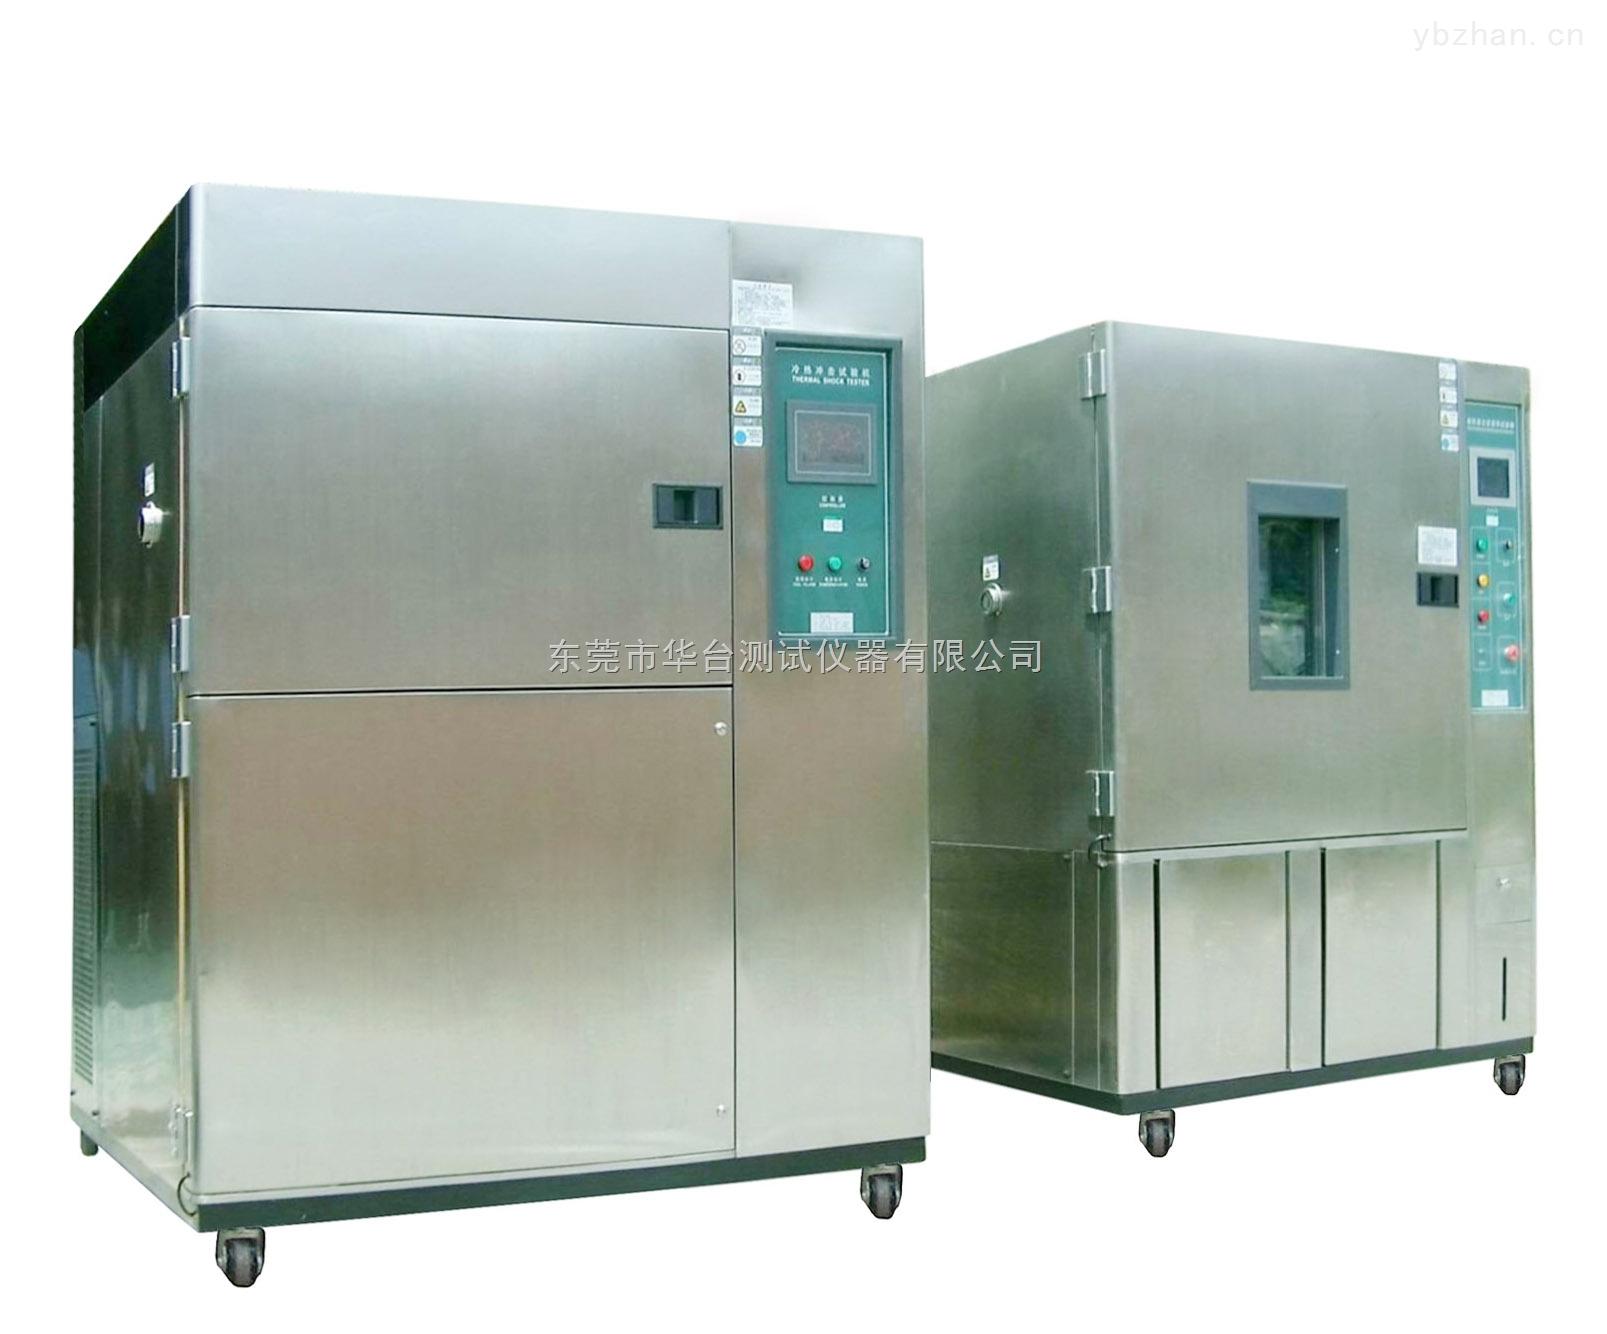 三箱水冷式冷热冲击试验箱